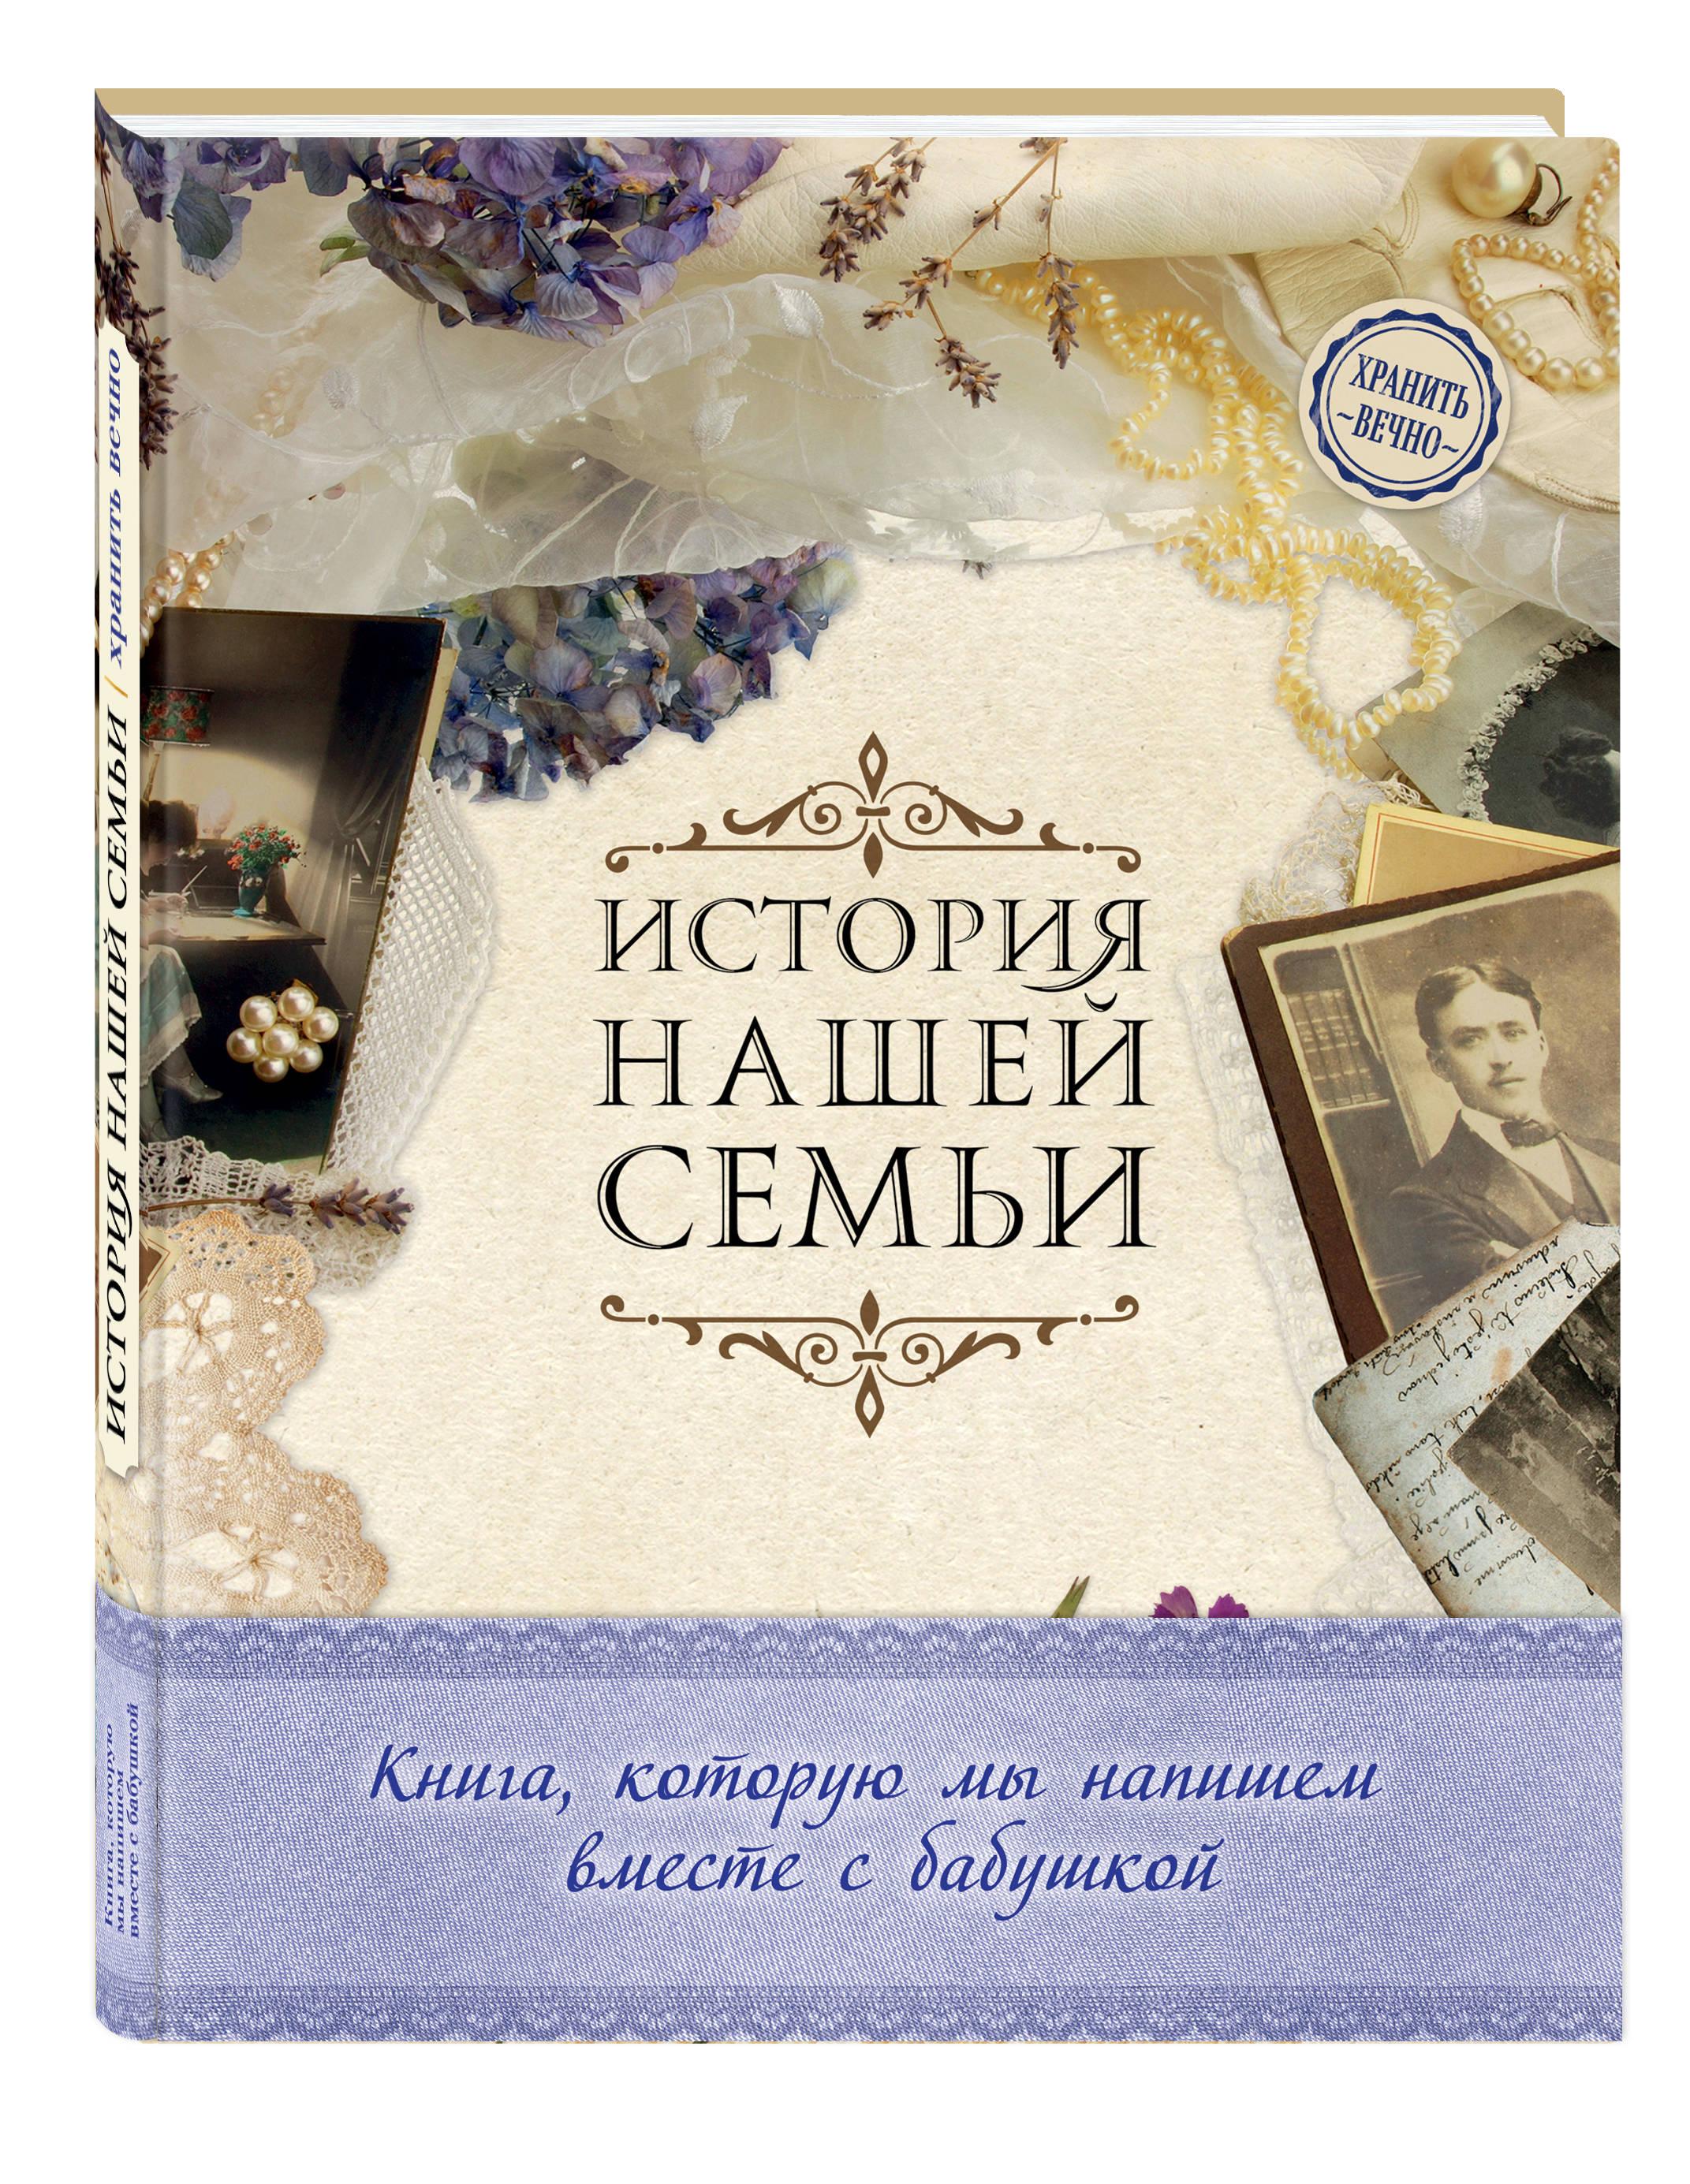 История нашей семьи. Книга, которую мы напишем вместе с бабушкой (оф. 1) ( Е.В. Ласкова  )